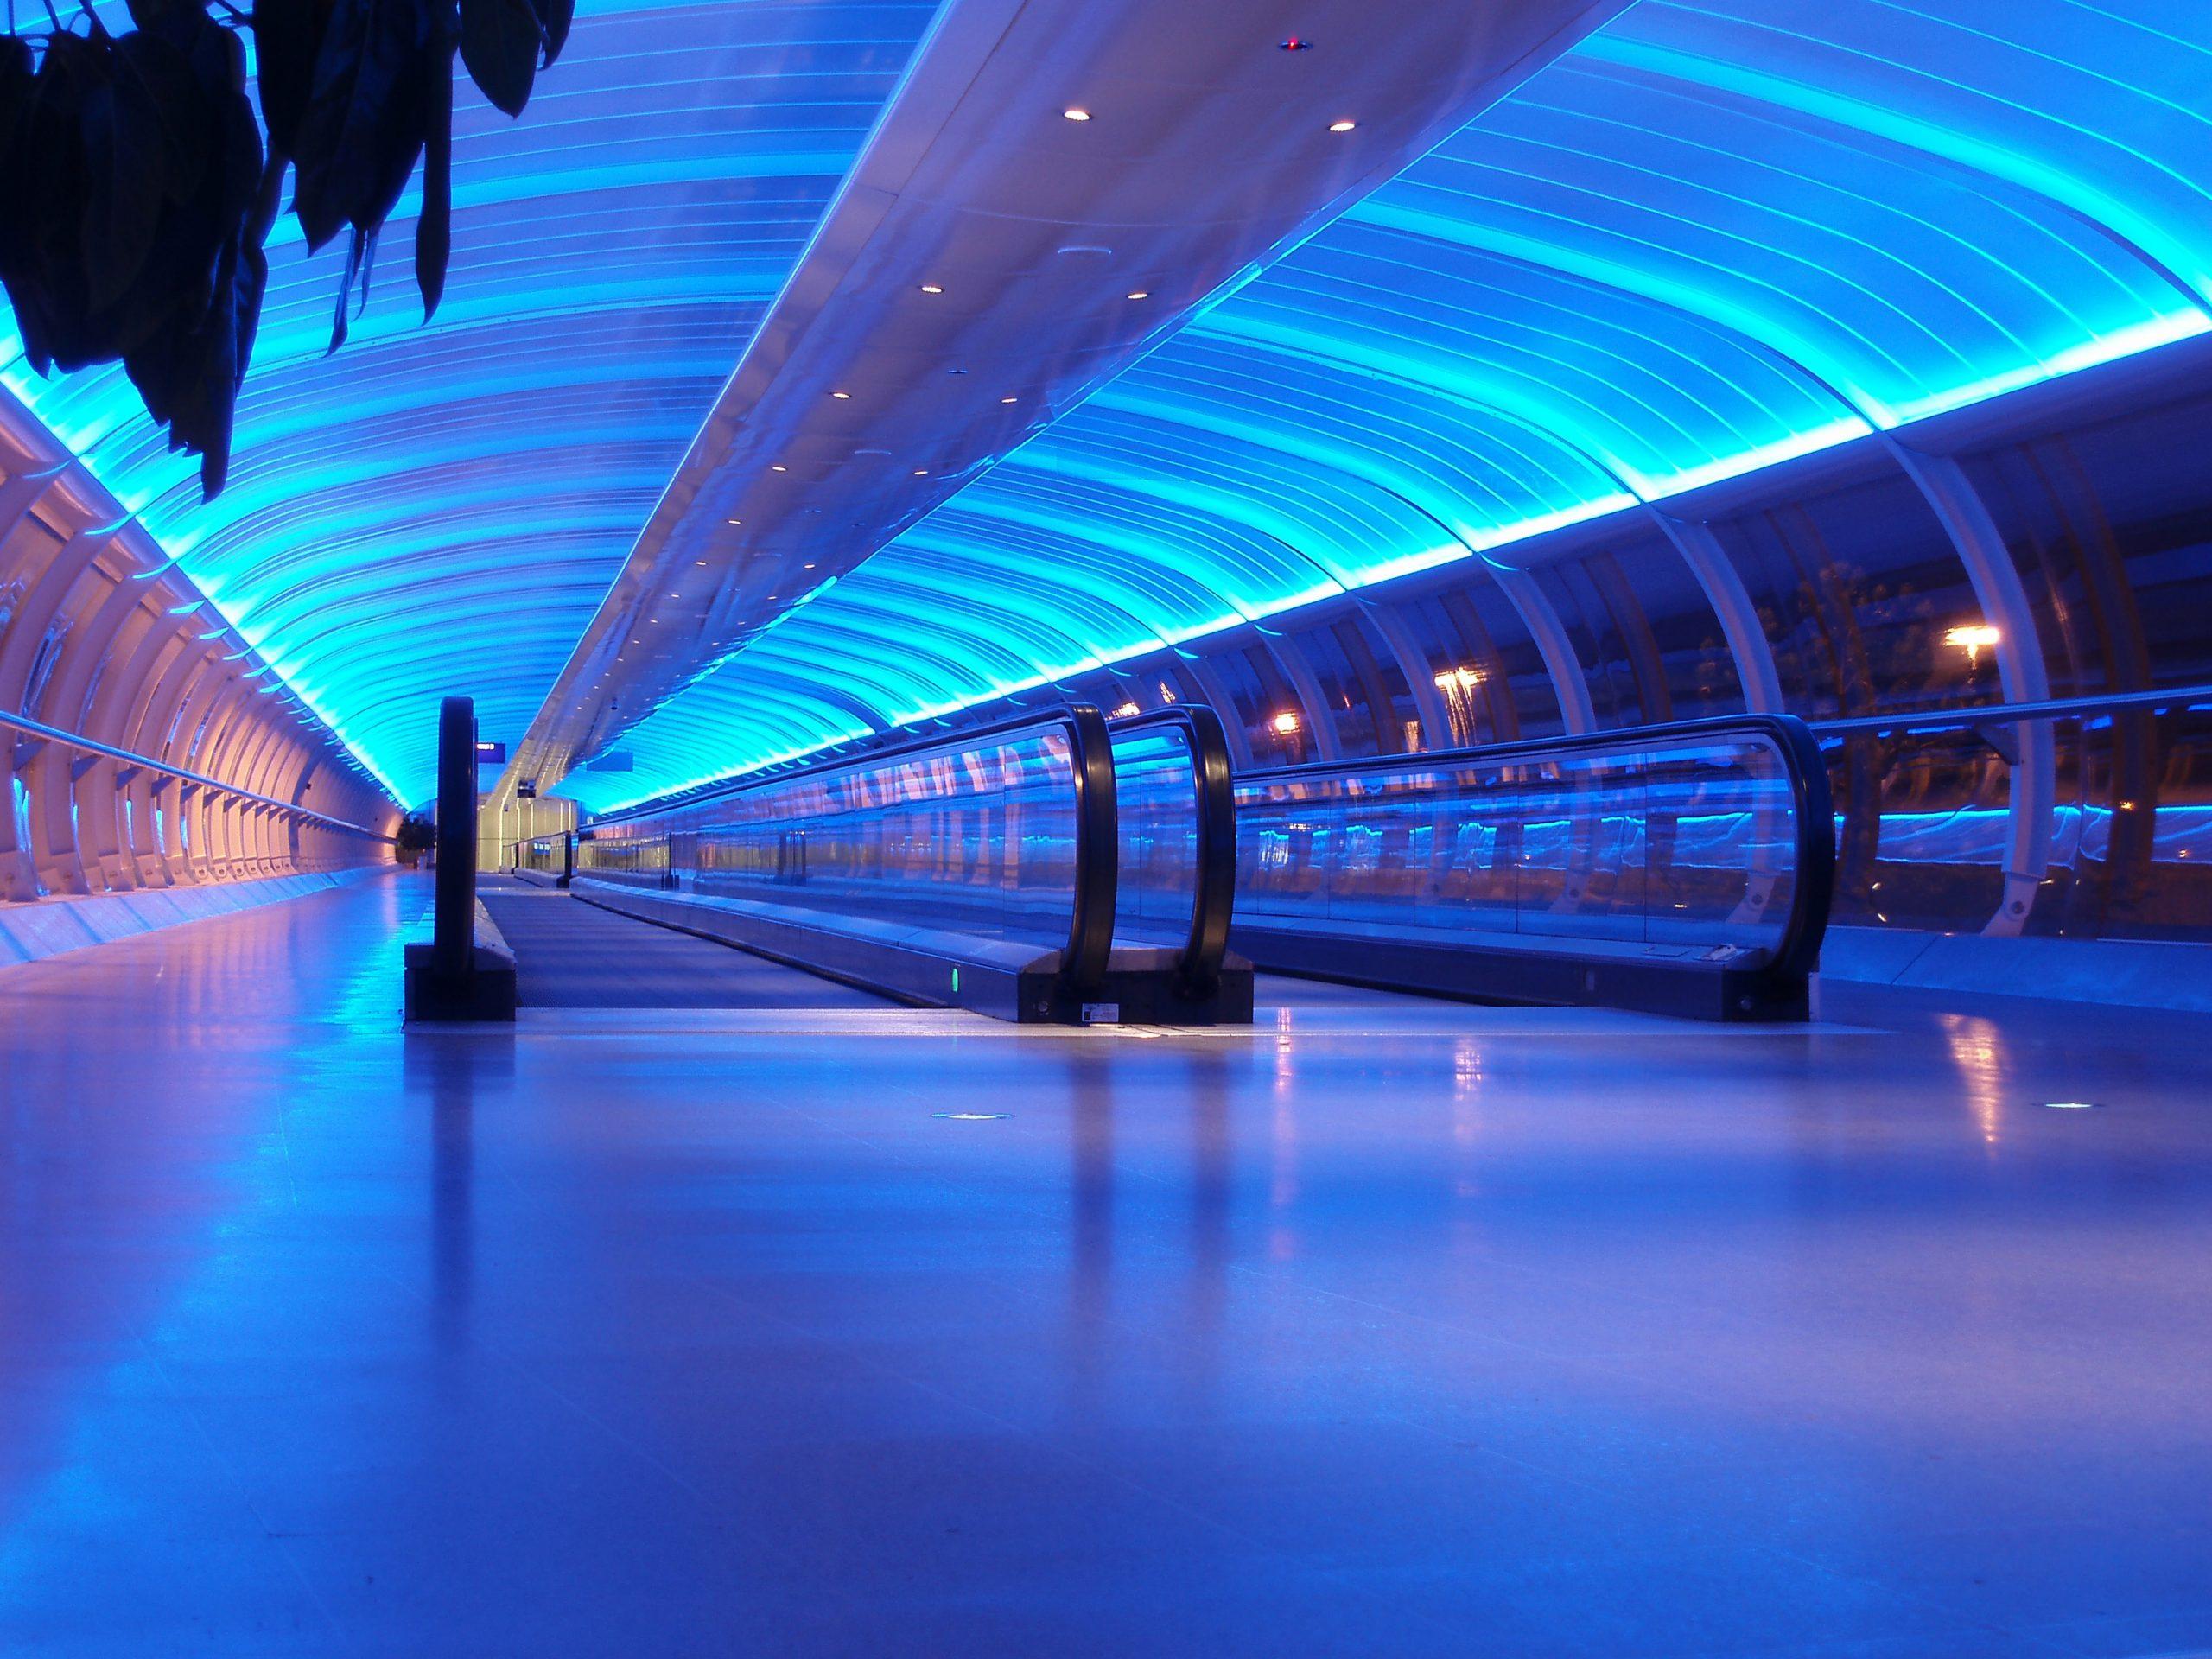 Manchester Airport Covid 19 Precautions